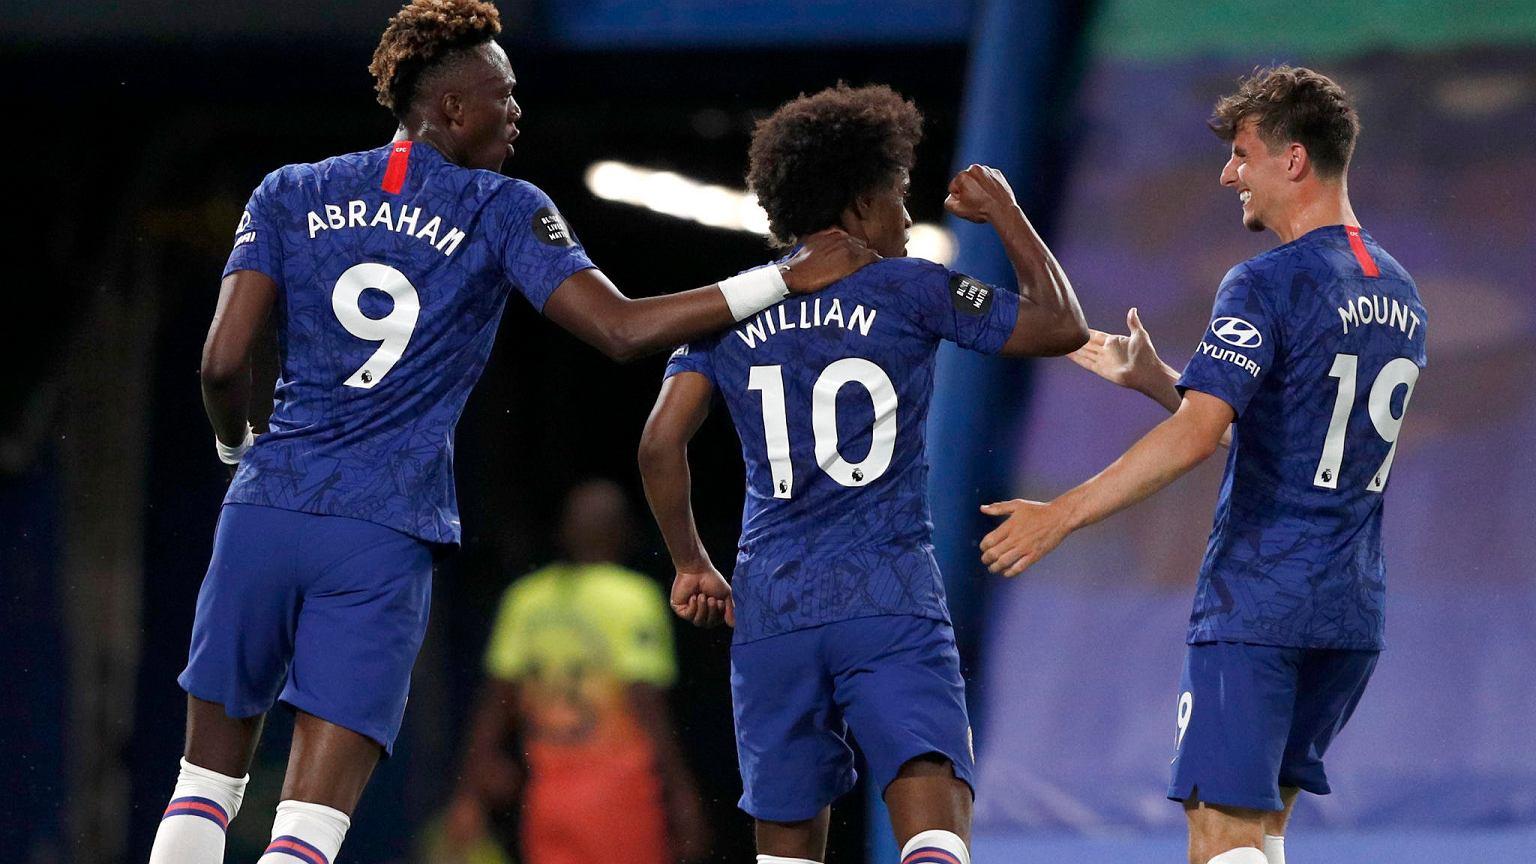 Piłkarz Chelsea stawia konkretne warunki.